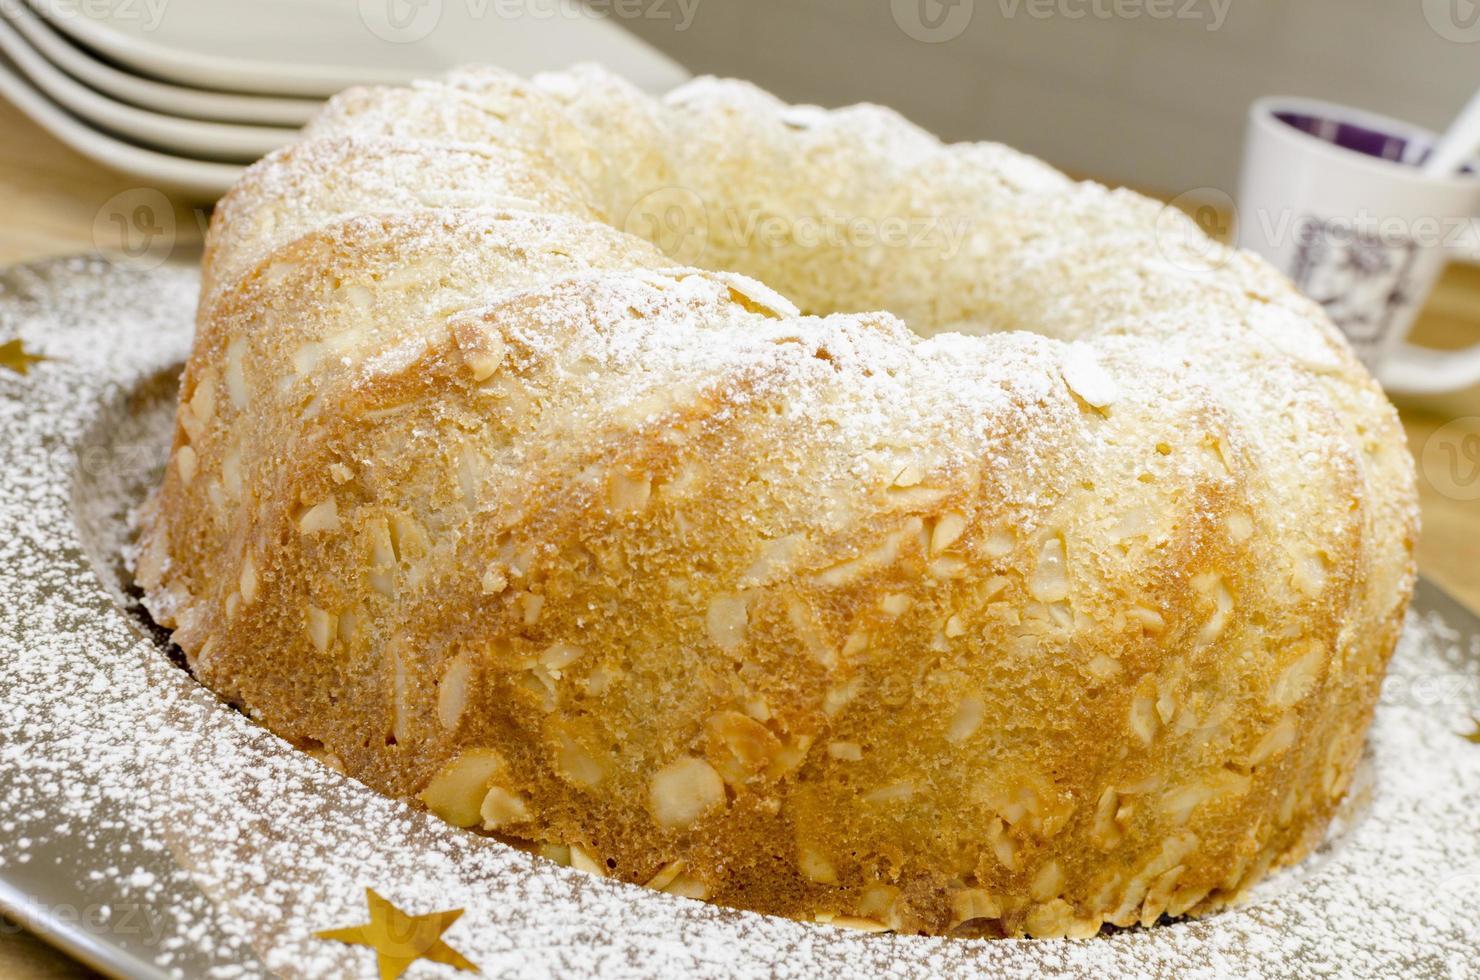 torta al burro in crosta di mandorle (vedi ricetta sotto). foto